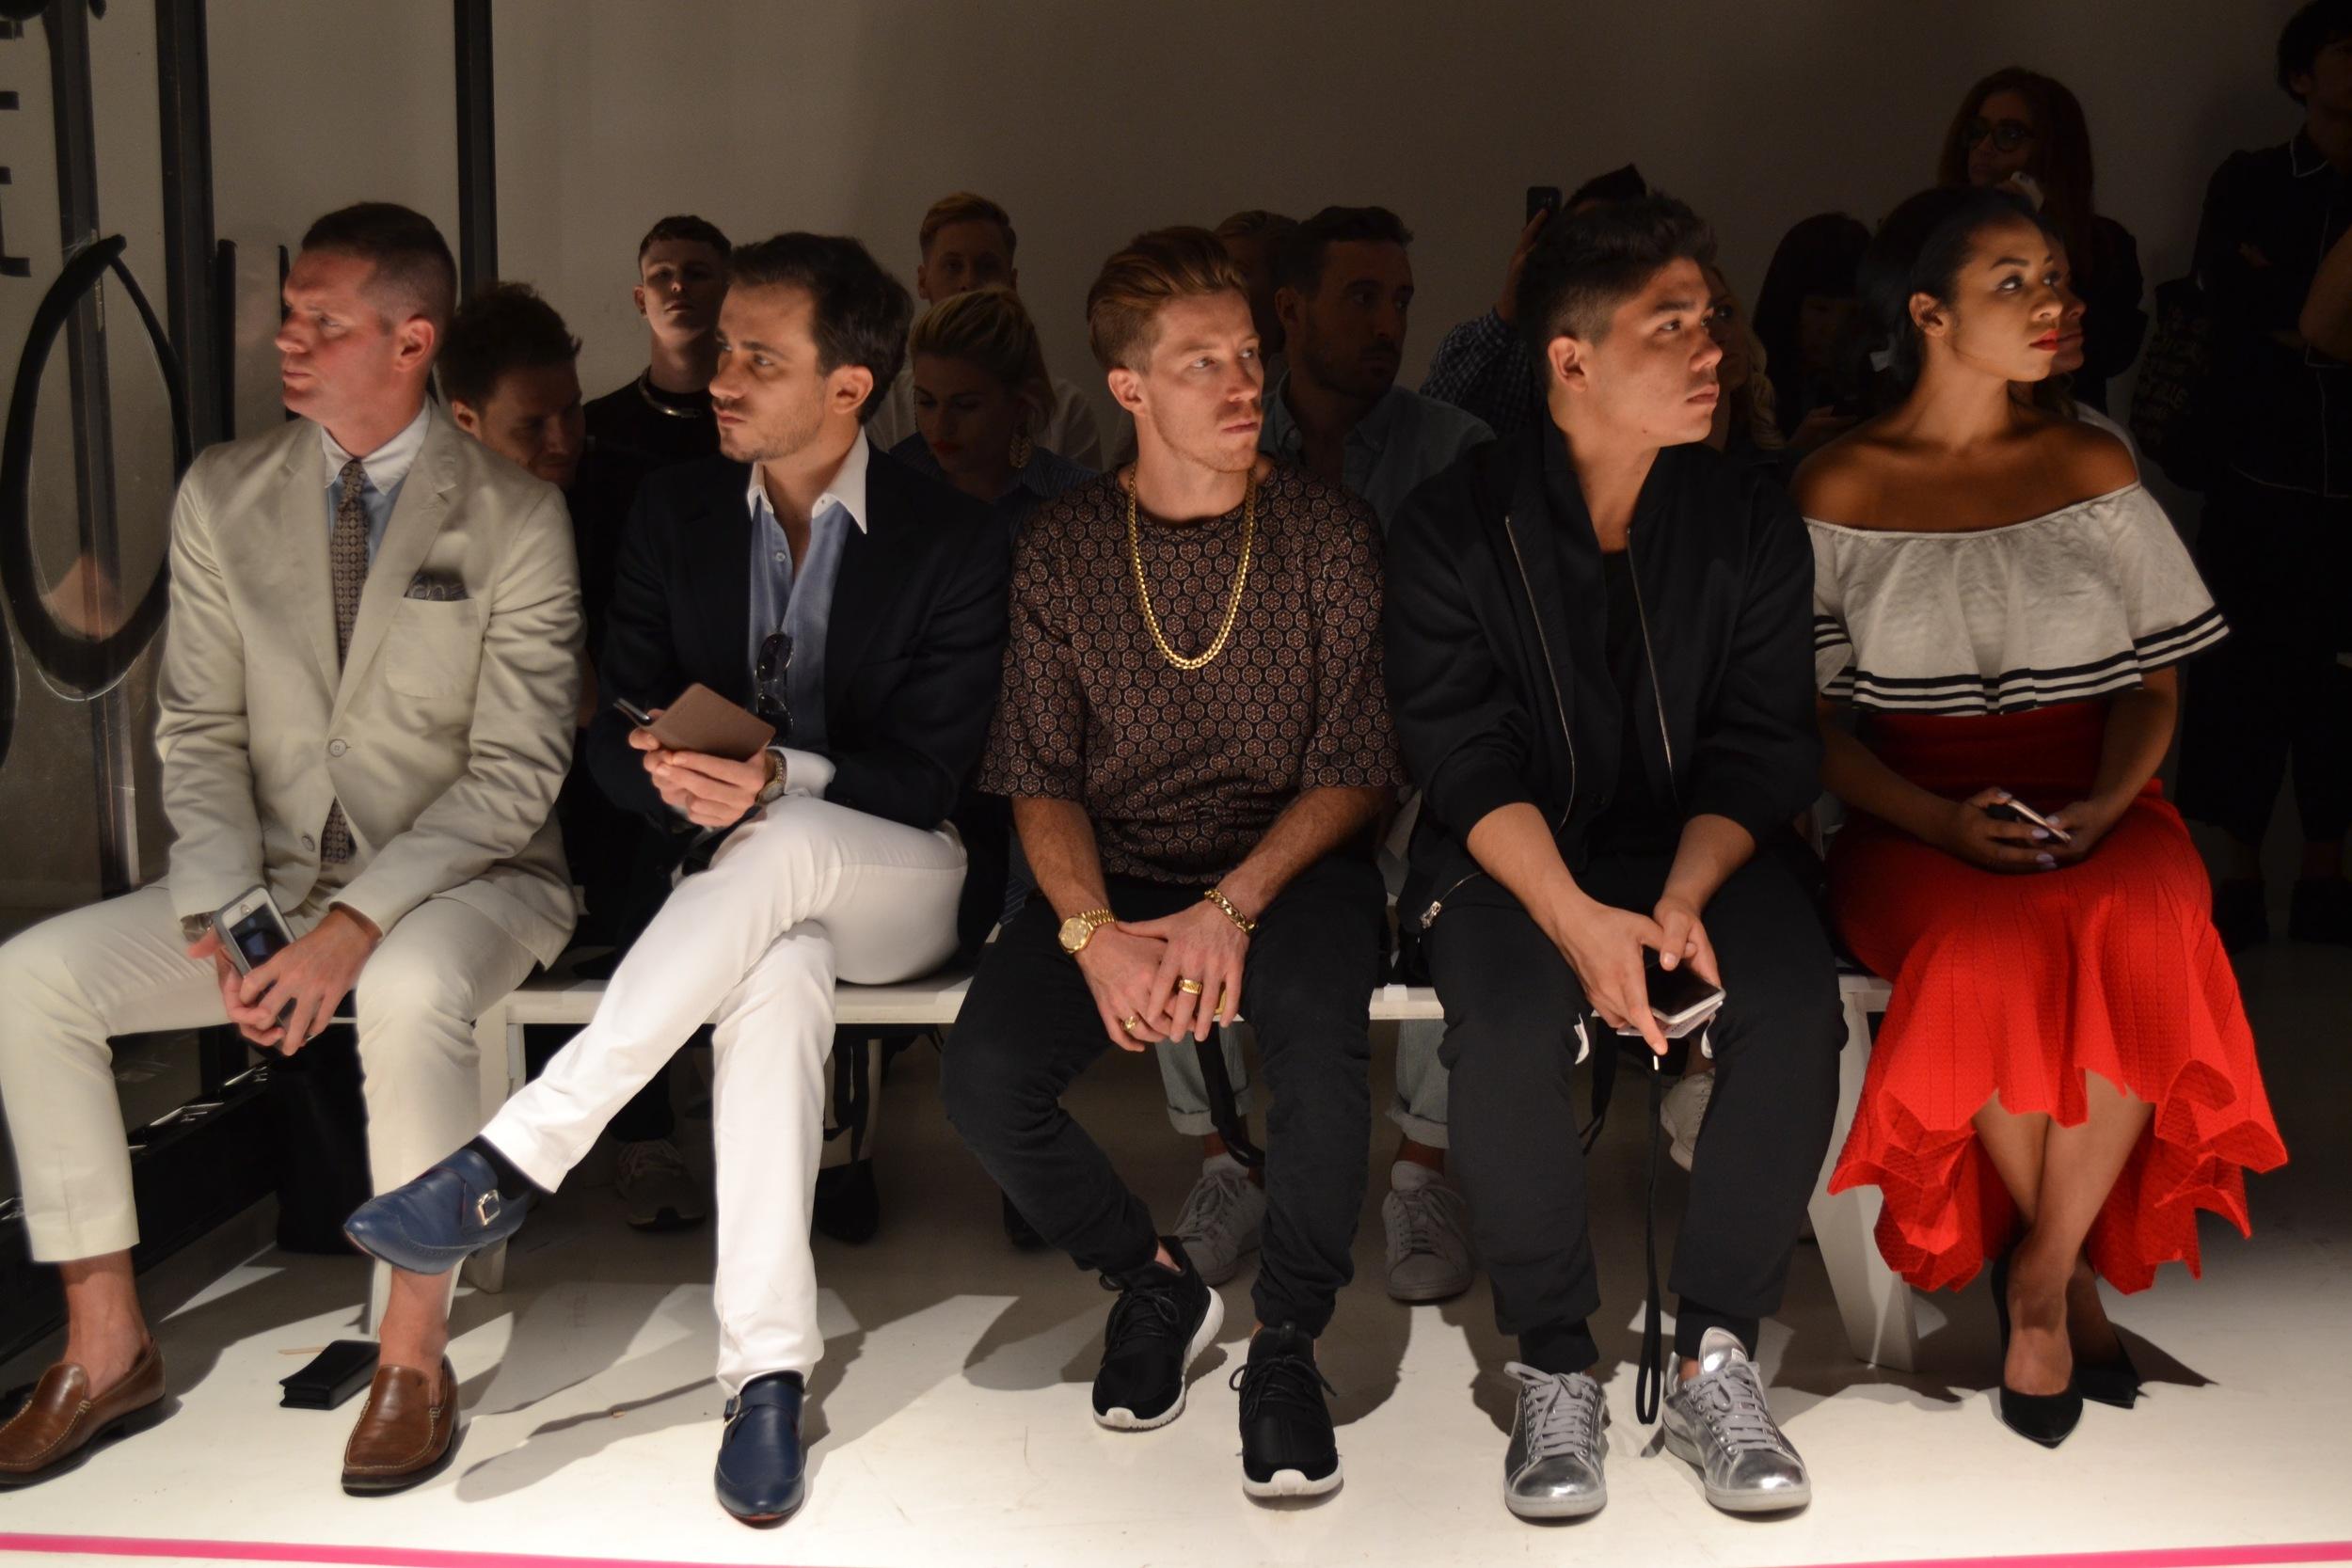 Shaun White sitting front row at Robert Geller.